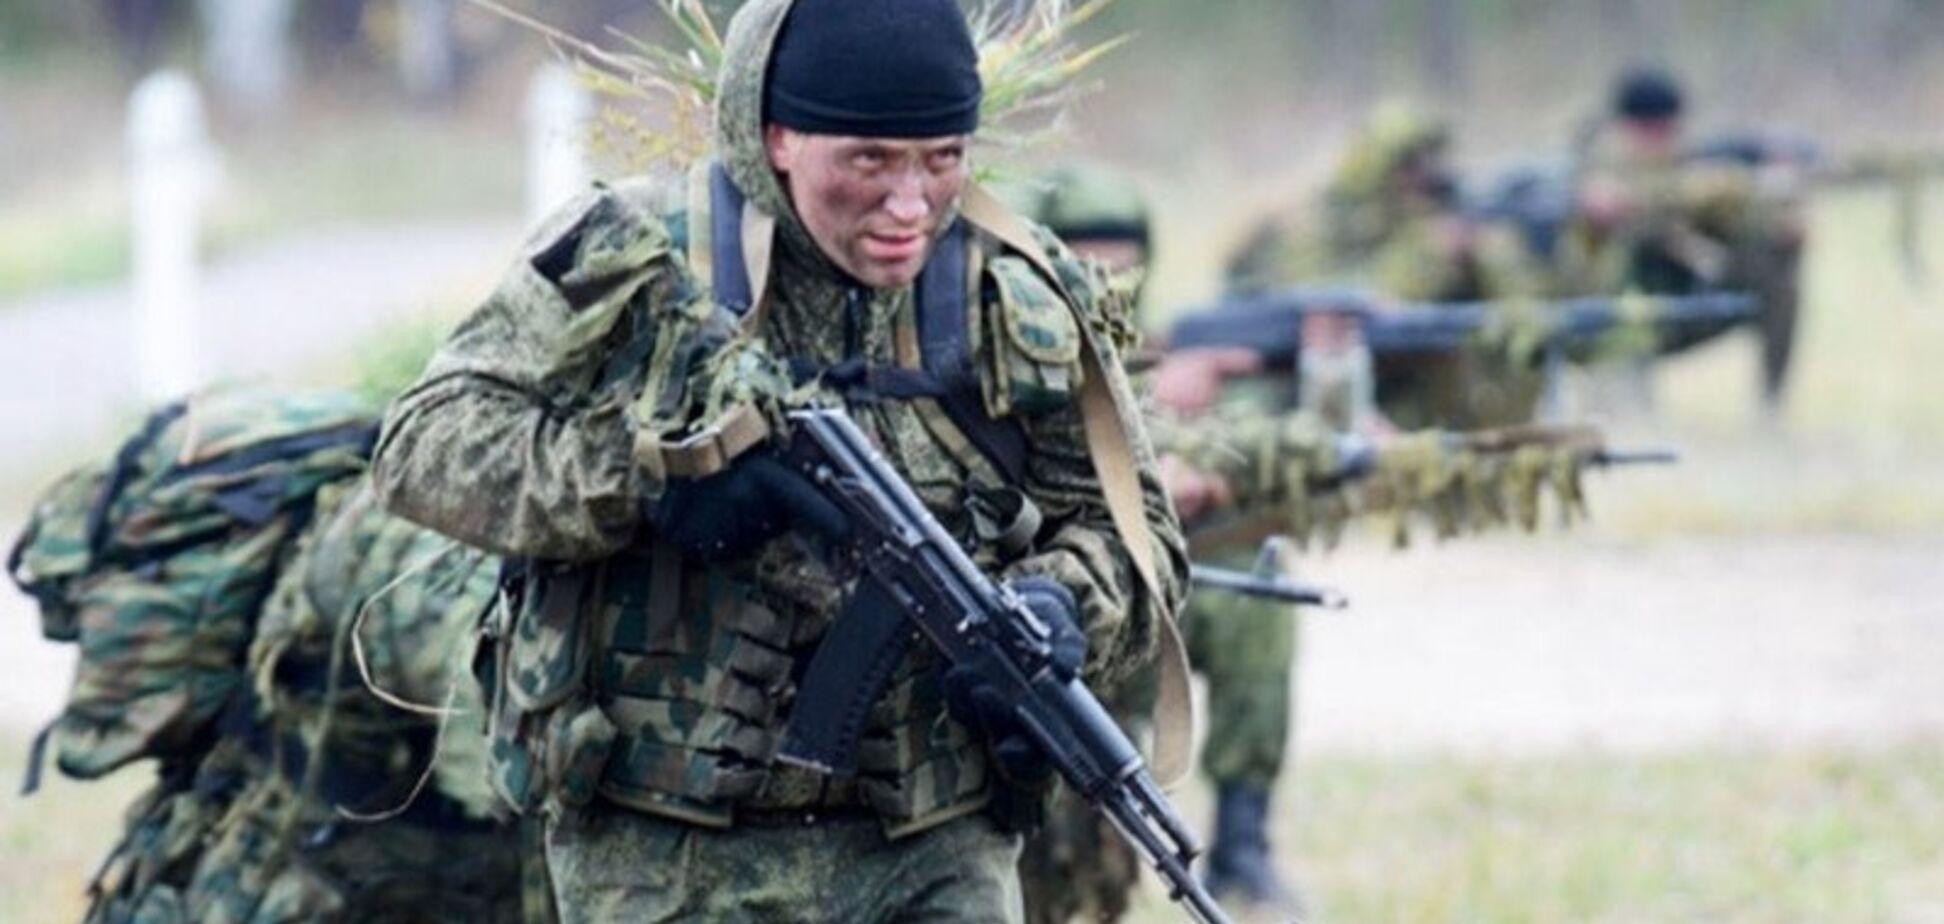 Європа викрила невловимий секретний підрозділ Путіна: що відомо